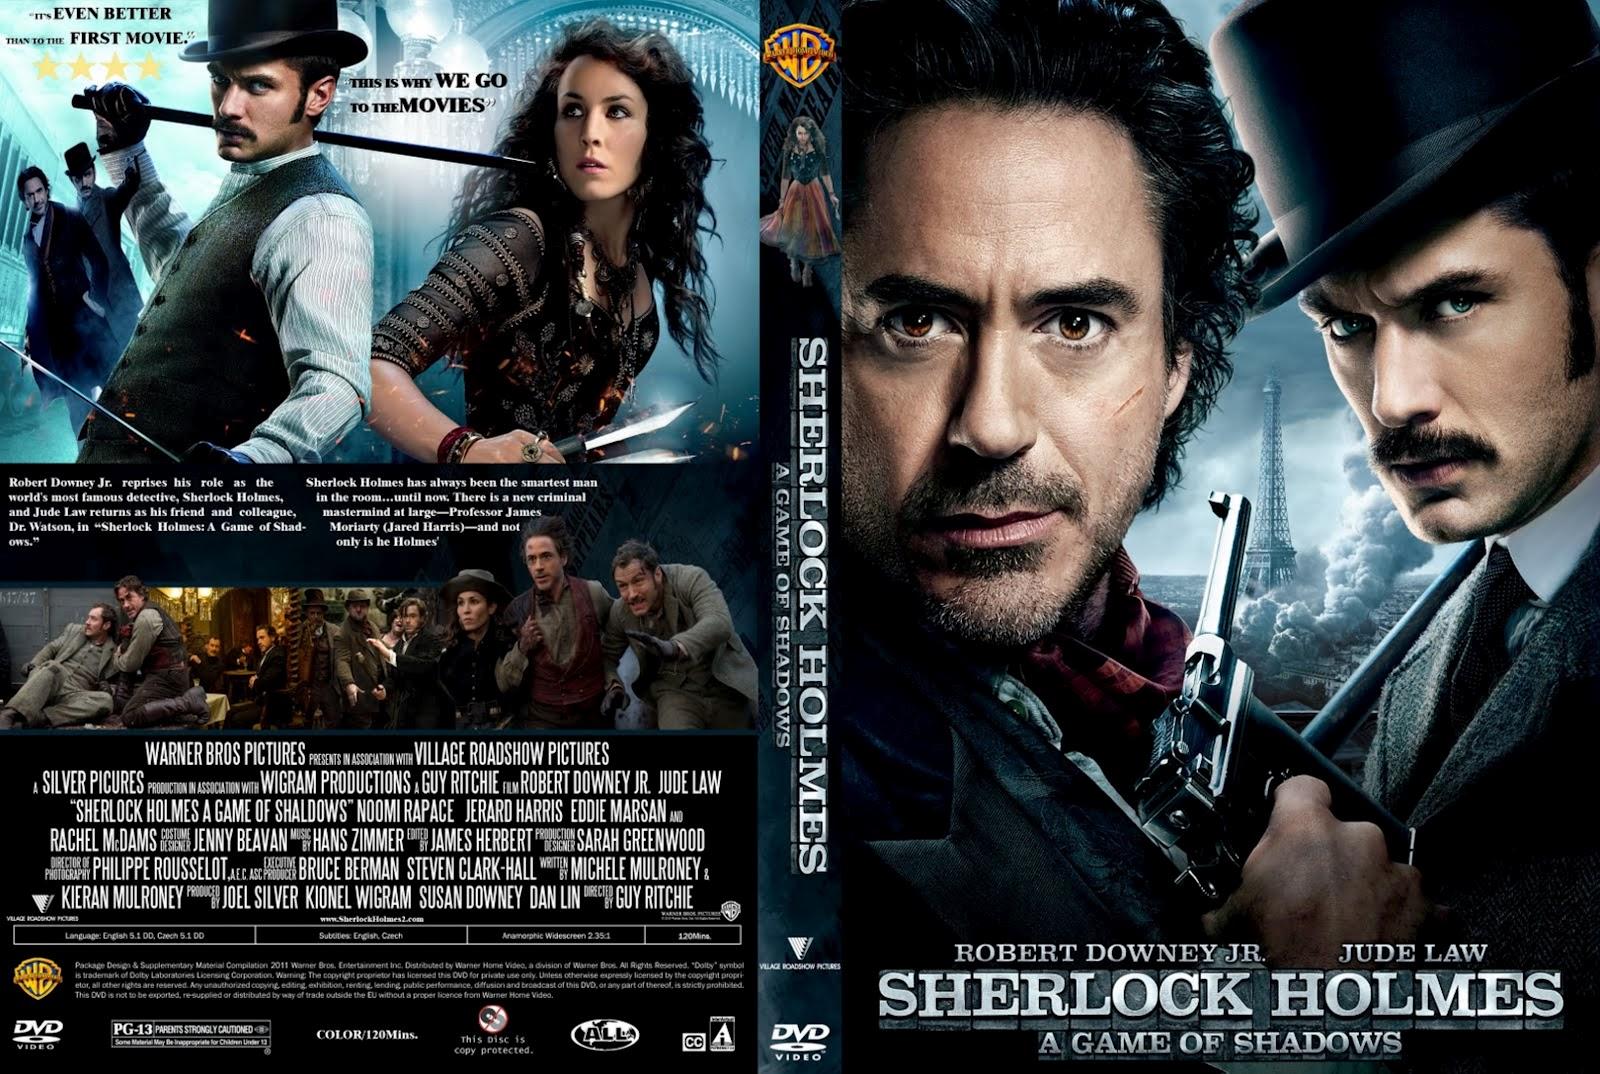 http://3.bp.blogspot.com/-rv9u07UQ56w/T2jOKtb8j5I/AAAAAAAAAD8/lelrF43iP6M/s1600/max1325899606-frontback-cover.jpg